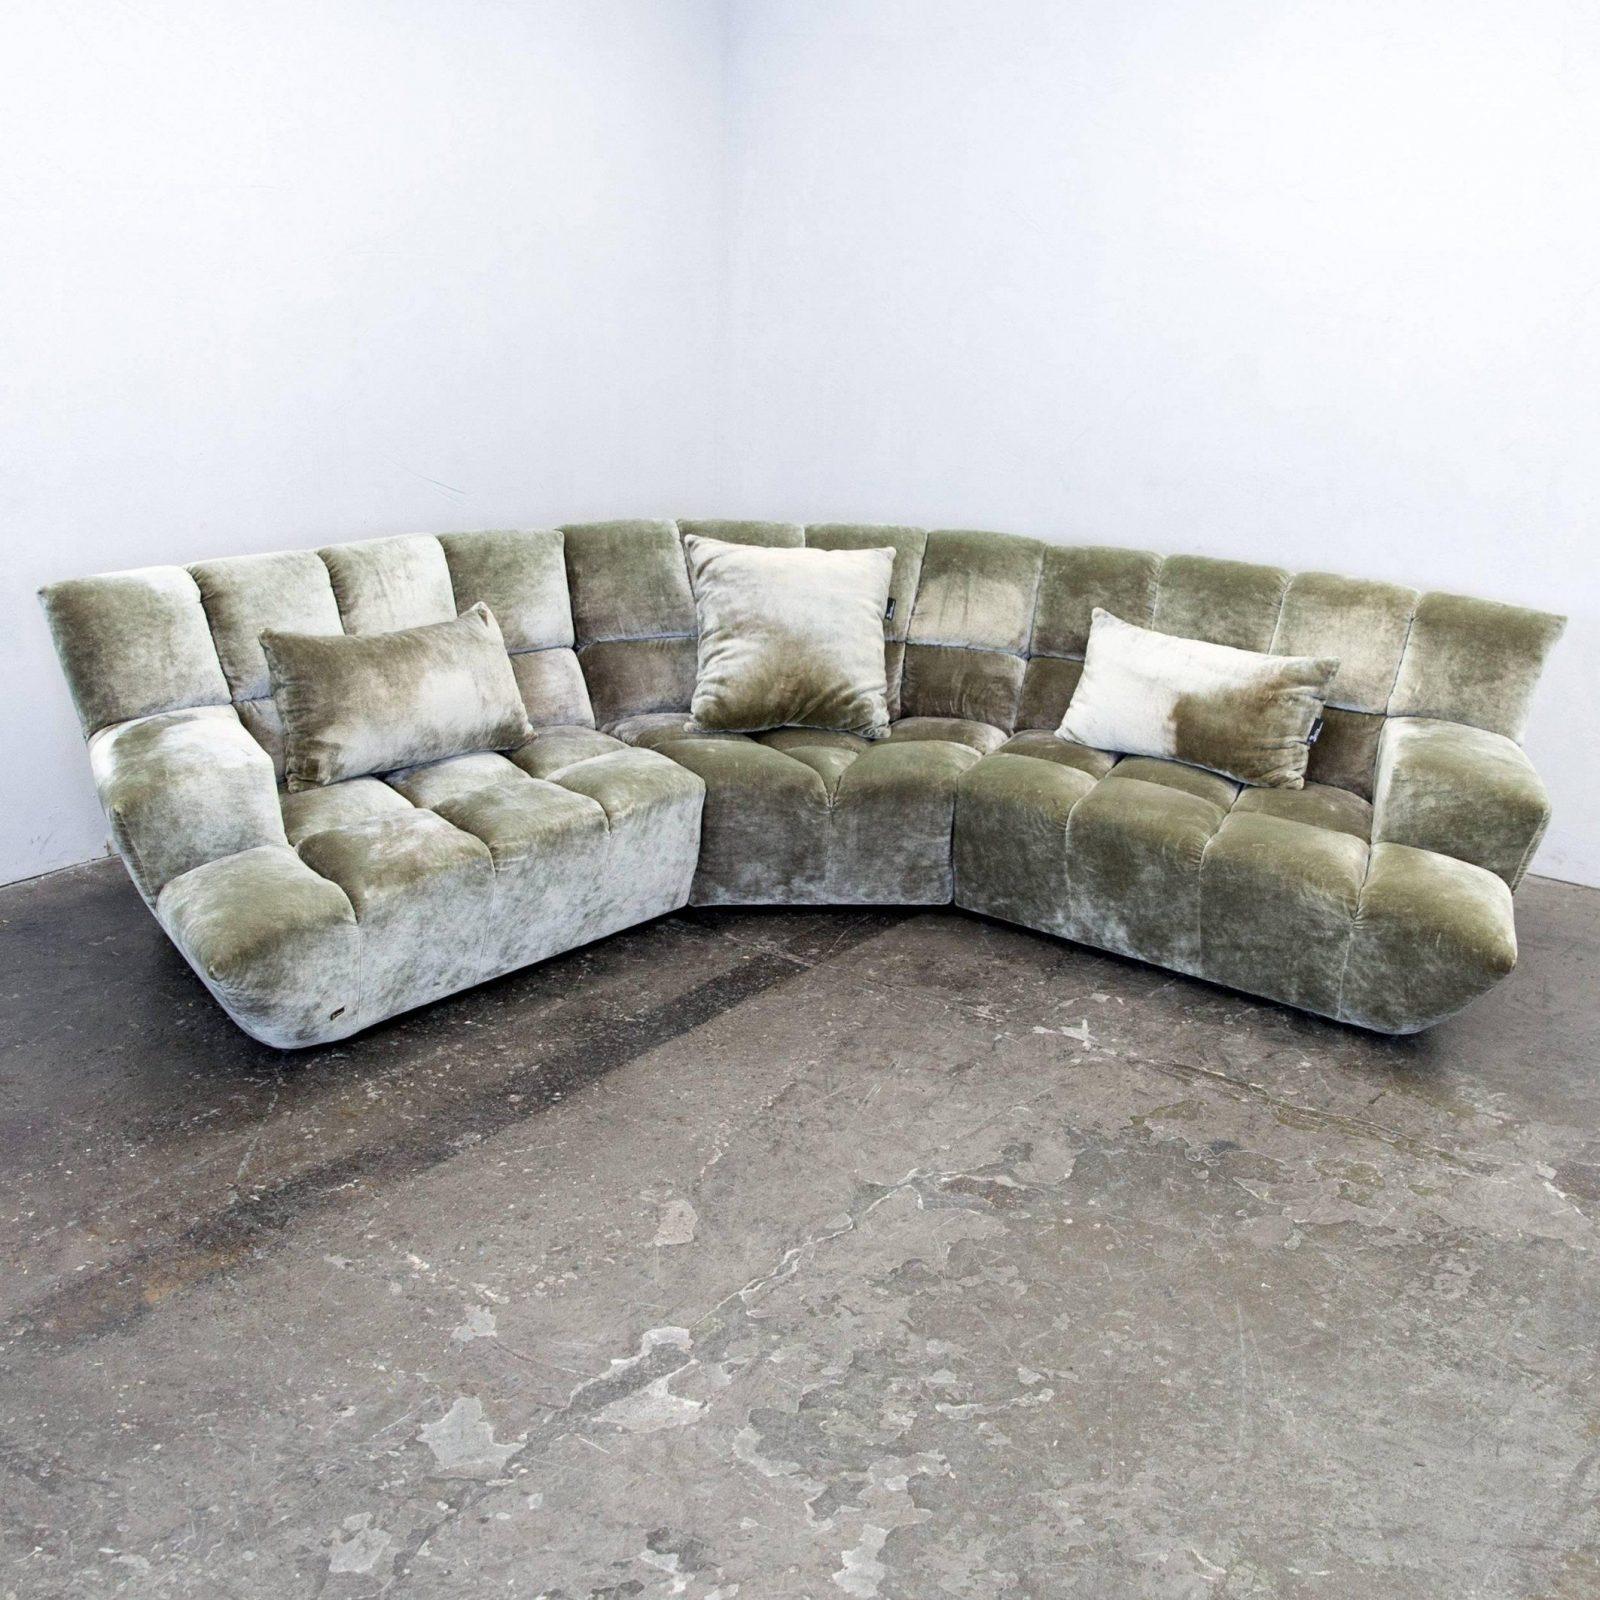 Bretz Cloud 7 Designer Cornersofa Silver Green Fabric Couch Modern von Bretz Sofa Cloud 7 Bild